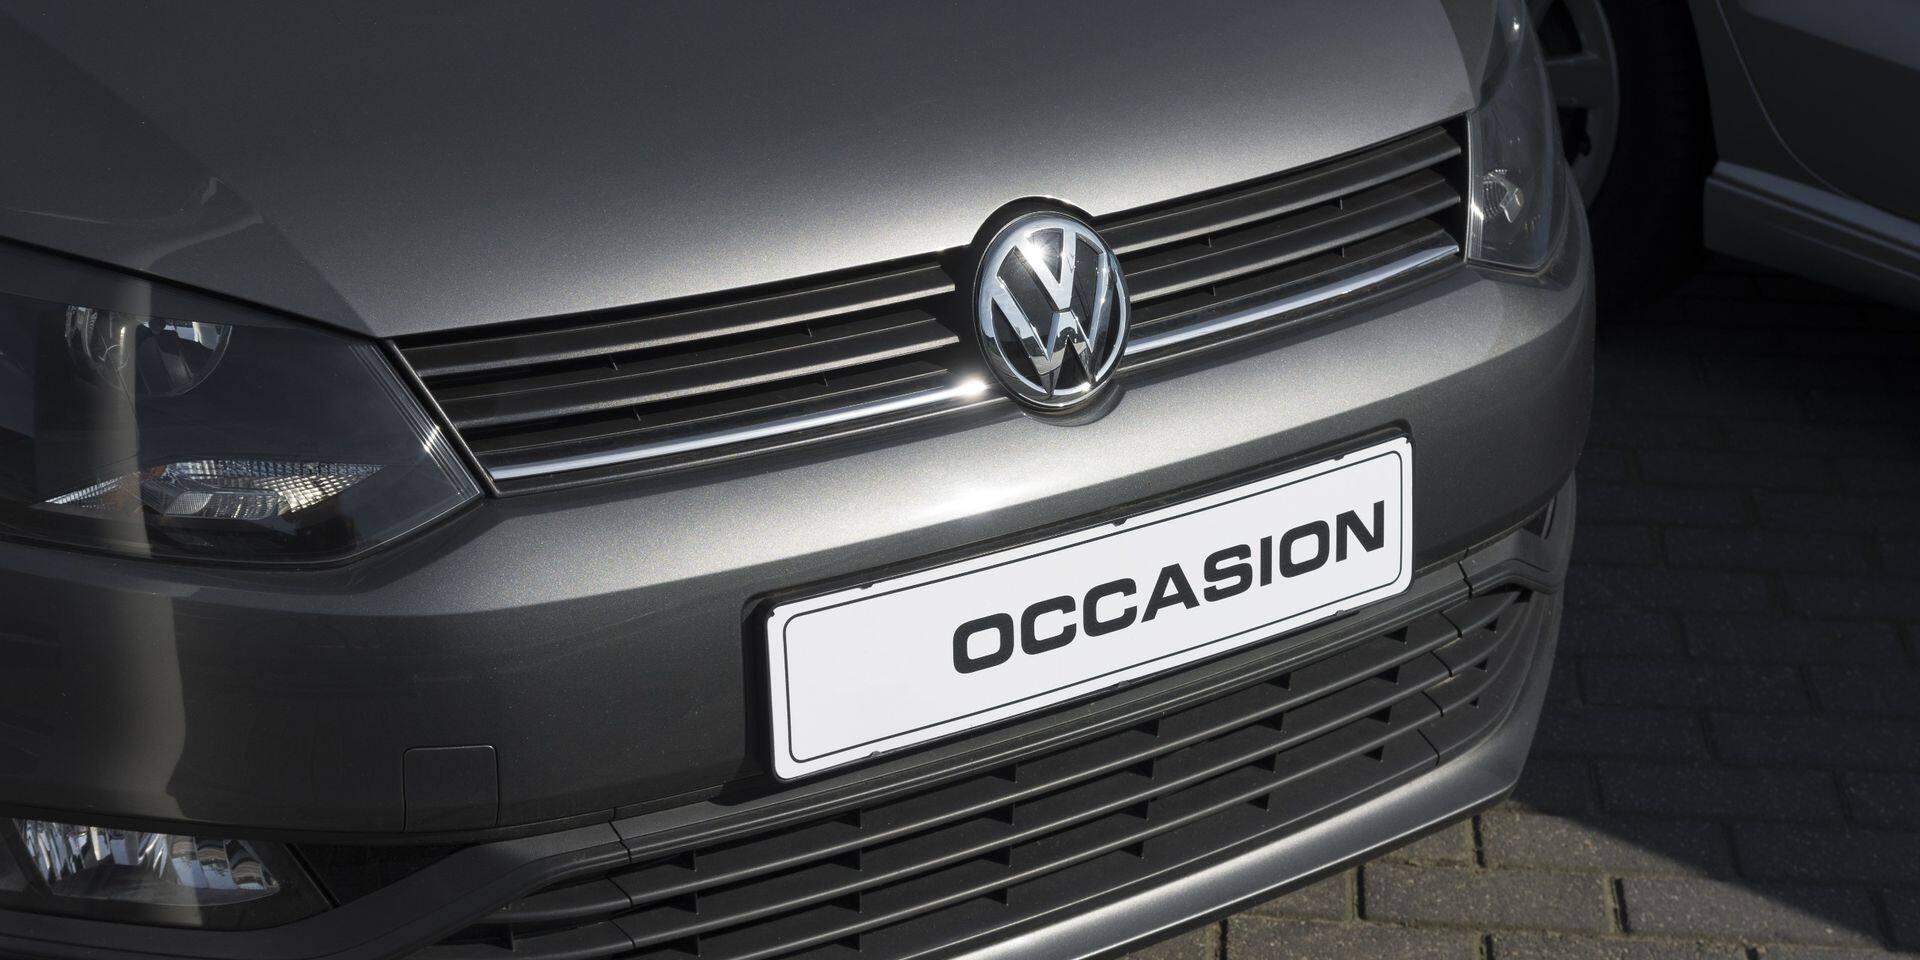 Les Belges achètent plus de véhicules d'occasion depuis le début de la crise sanitaire